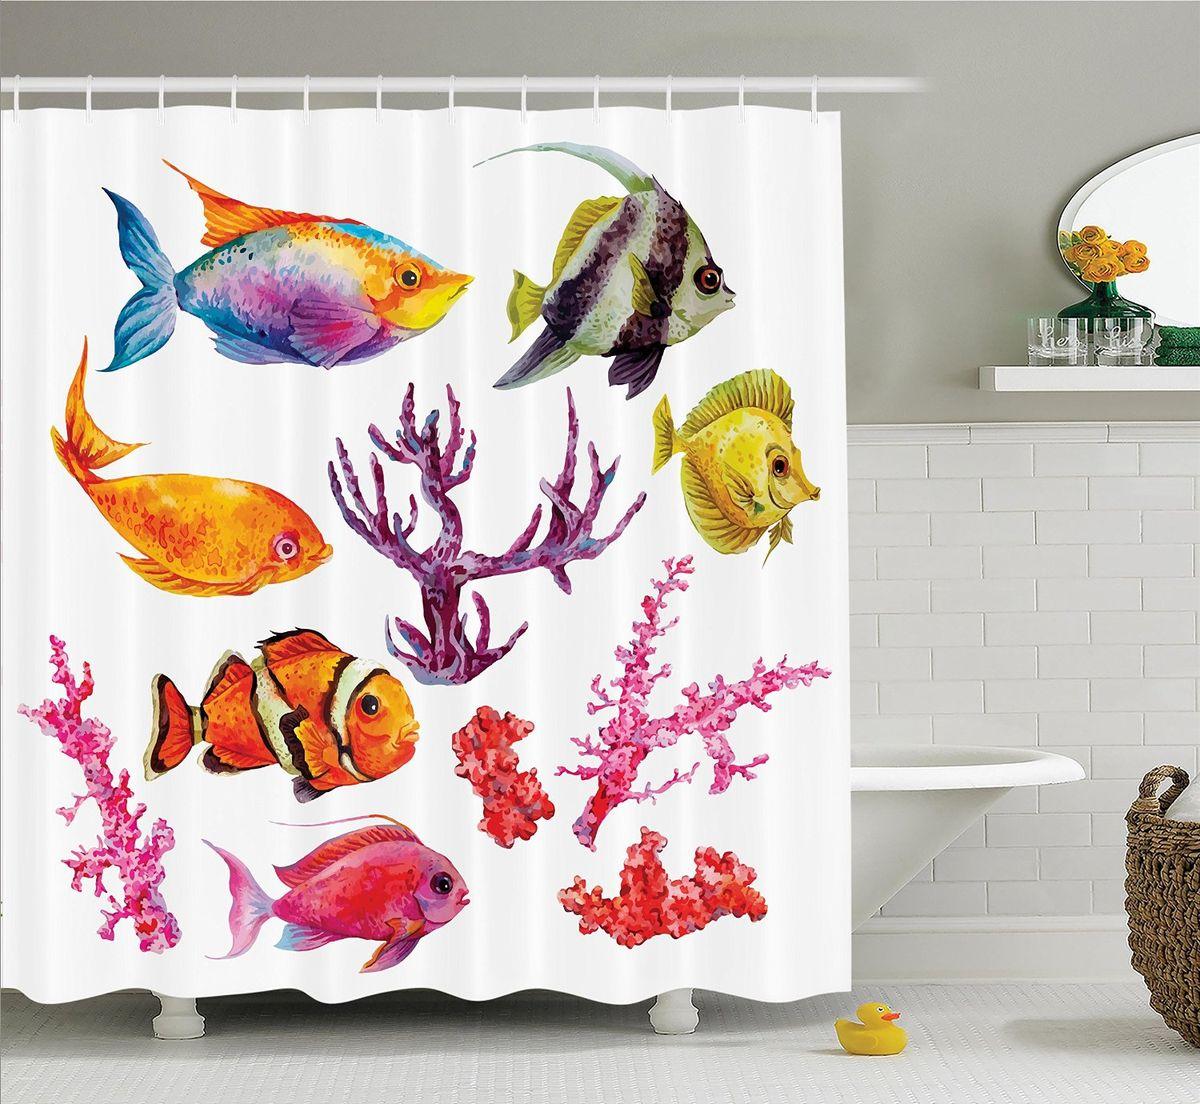 Штора для ванной комнаты Magic Lady Рыбы и кораллы, 180 х 200 смшв_14607Штора Magic Lady Рыбы и кораллы, изготовленная из высококачественного сатена (полиэстер 100%), отлично дополнит любой интерьер ванной комнаты. При изготовлении используются специальные гипоаллергенные чернила для прямой печати по ткани, безопасные для человека. В комплекте: 1 штора, 12 крючков. Обращаем ваше внимание, фактический цвет изделия может незначительно отличаться от представленного на фото.